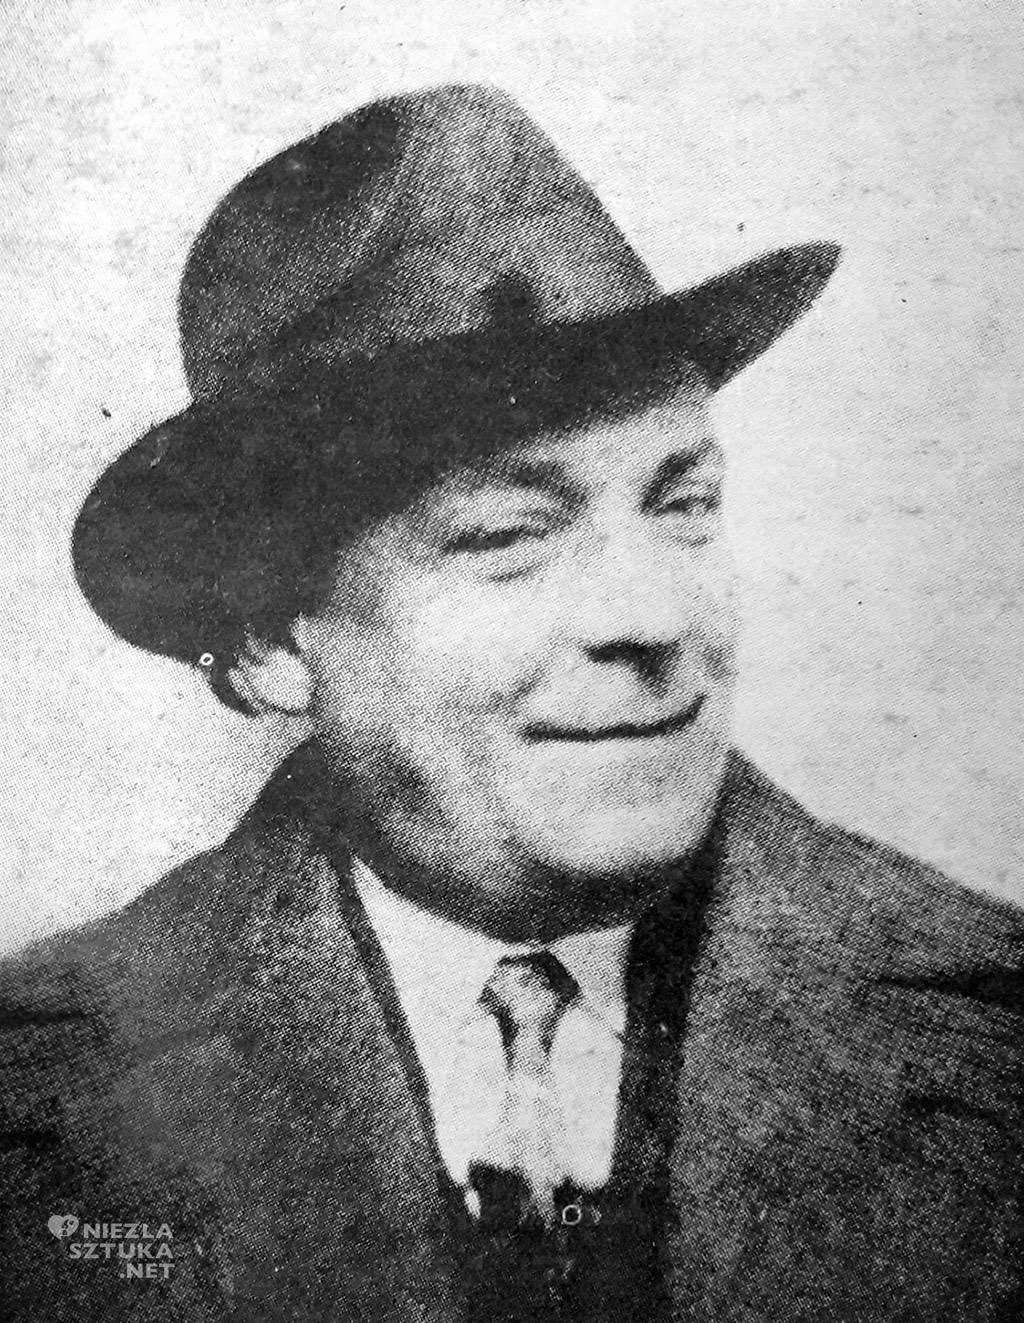 Jan Rubczak, fotografia, Niezła sztuka